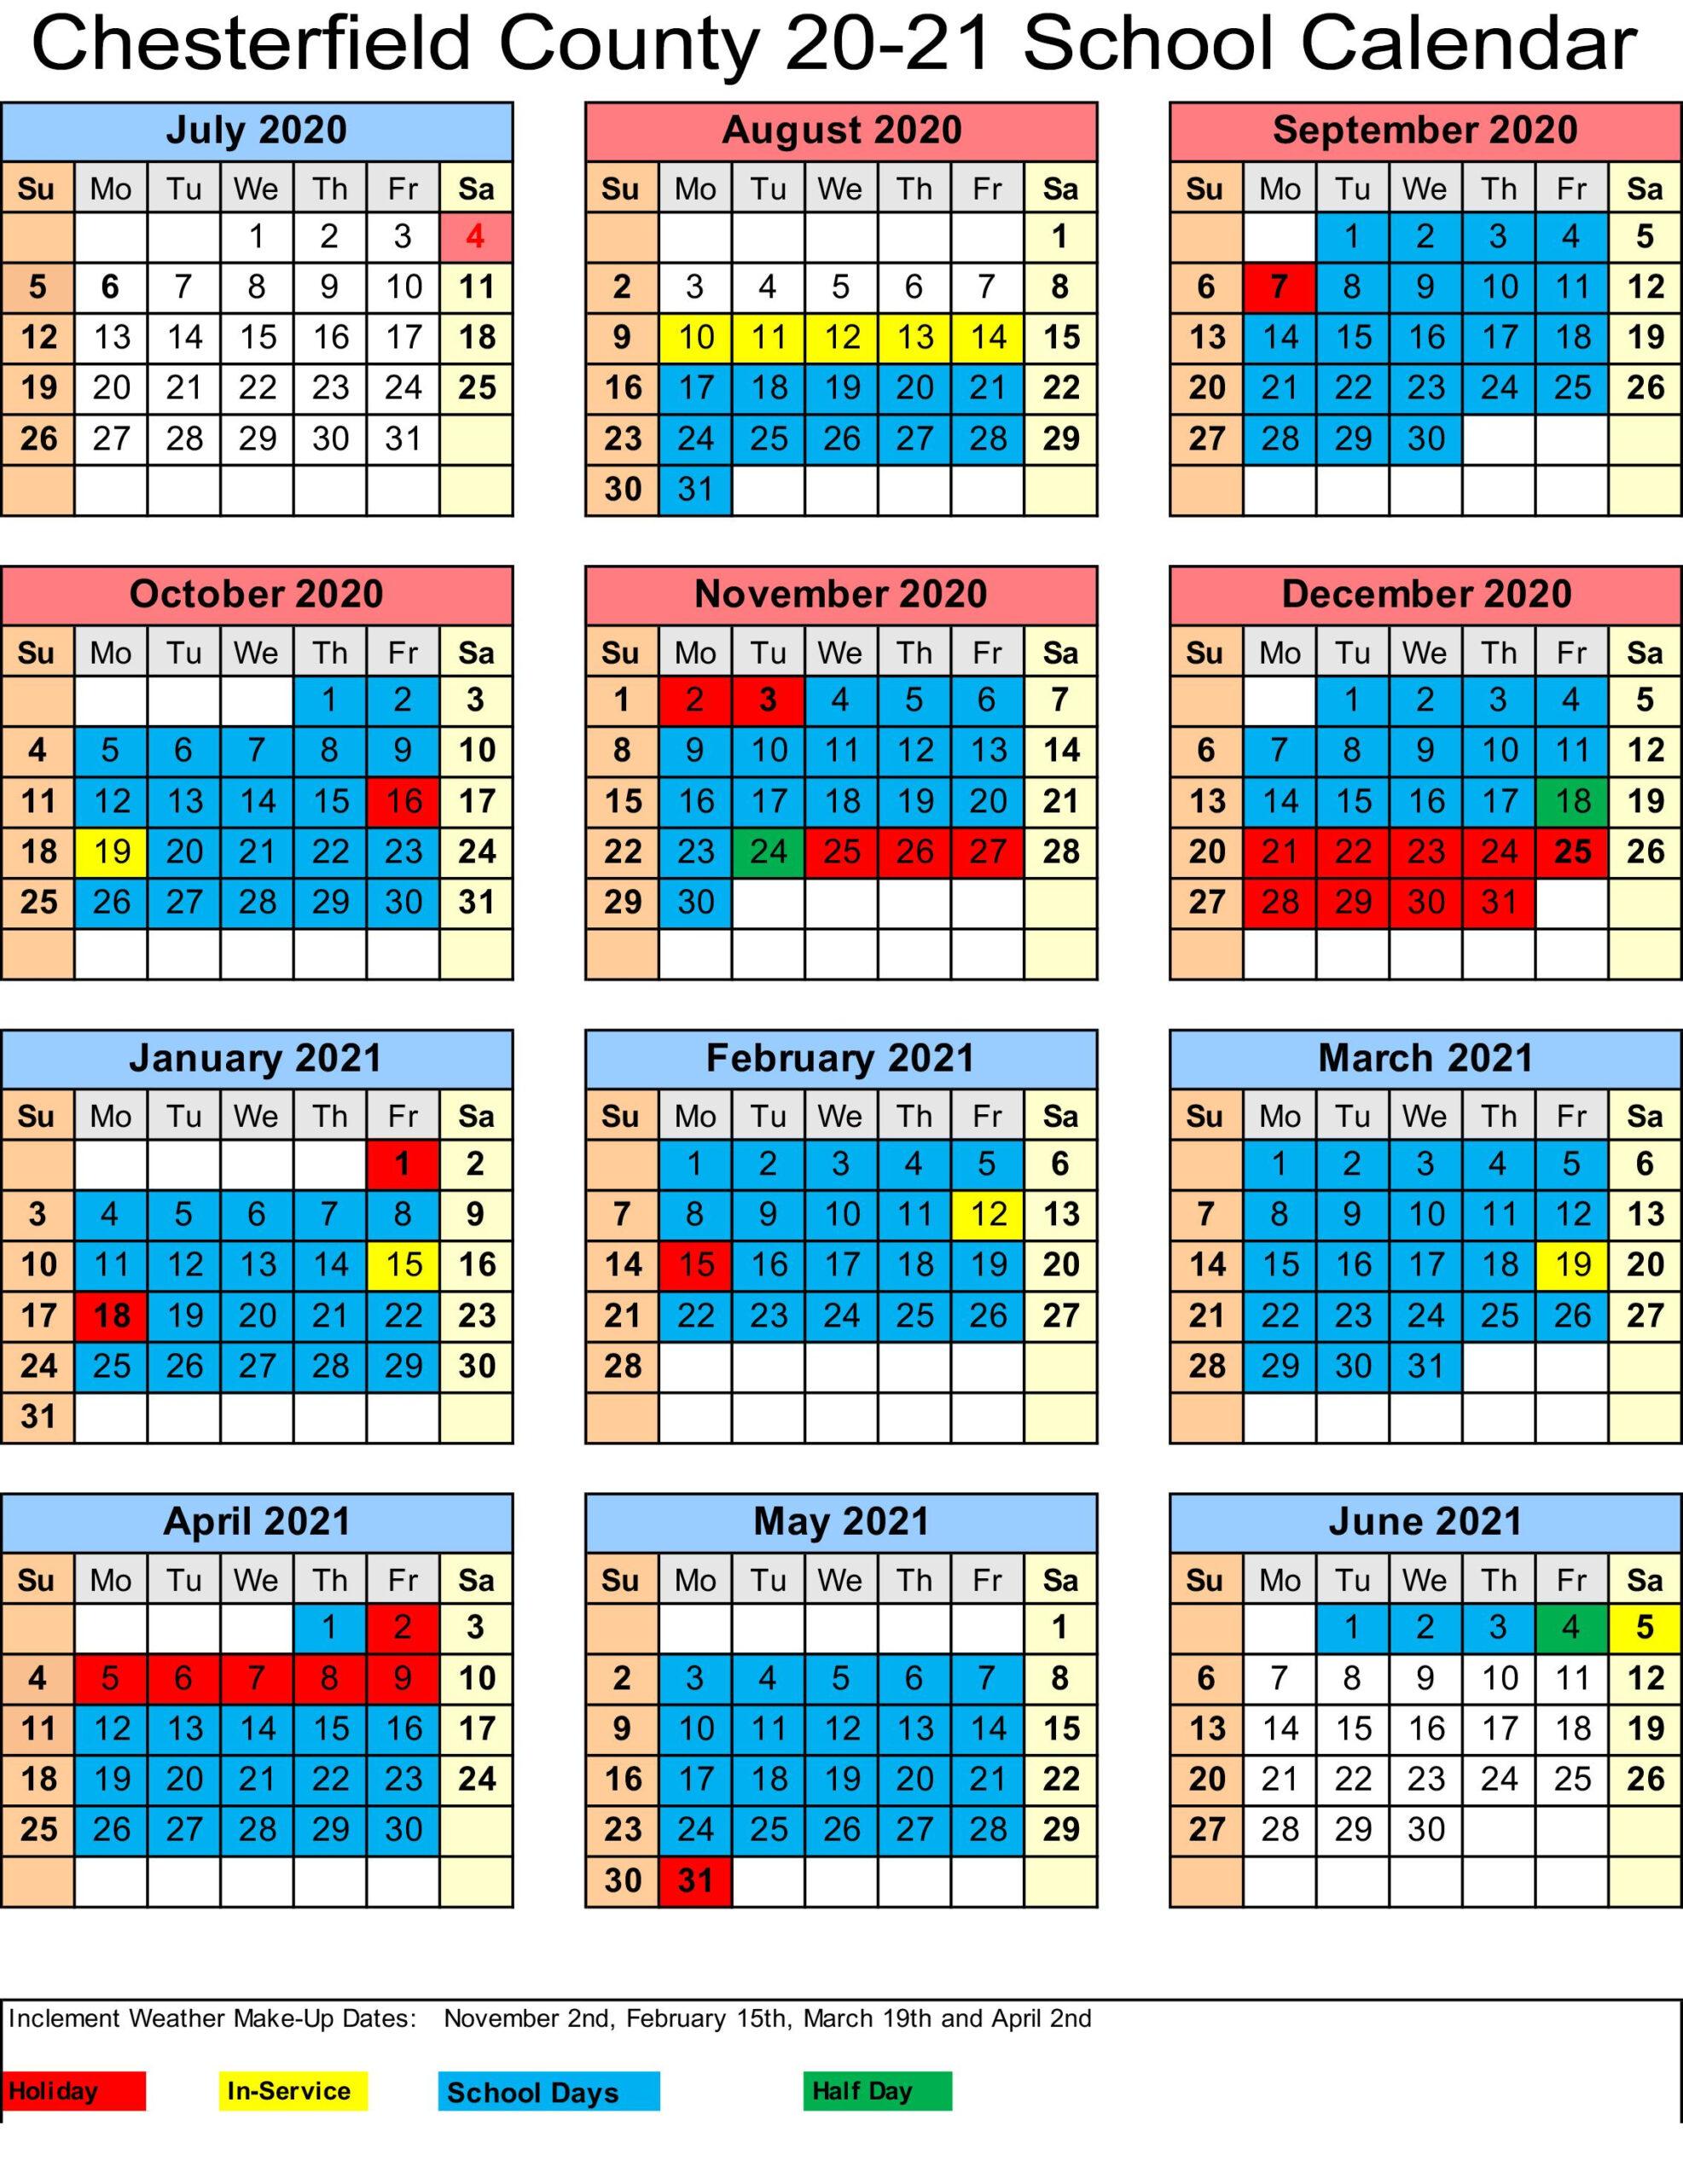 Dos Pueblos High School Calendar 2021 | Printable Calendar throughout Sunny Hills High School Academic Calendar 2010